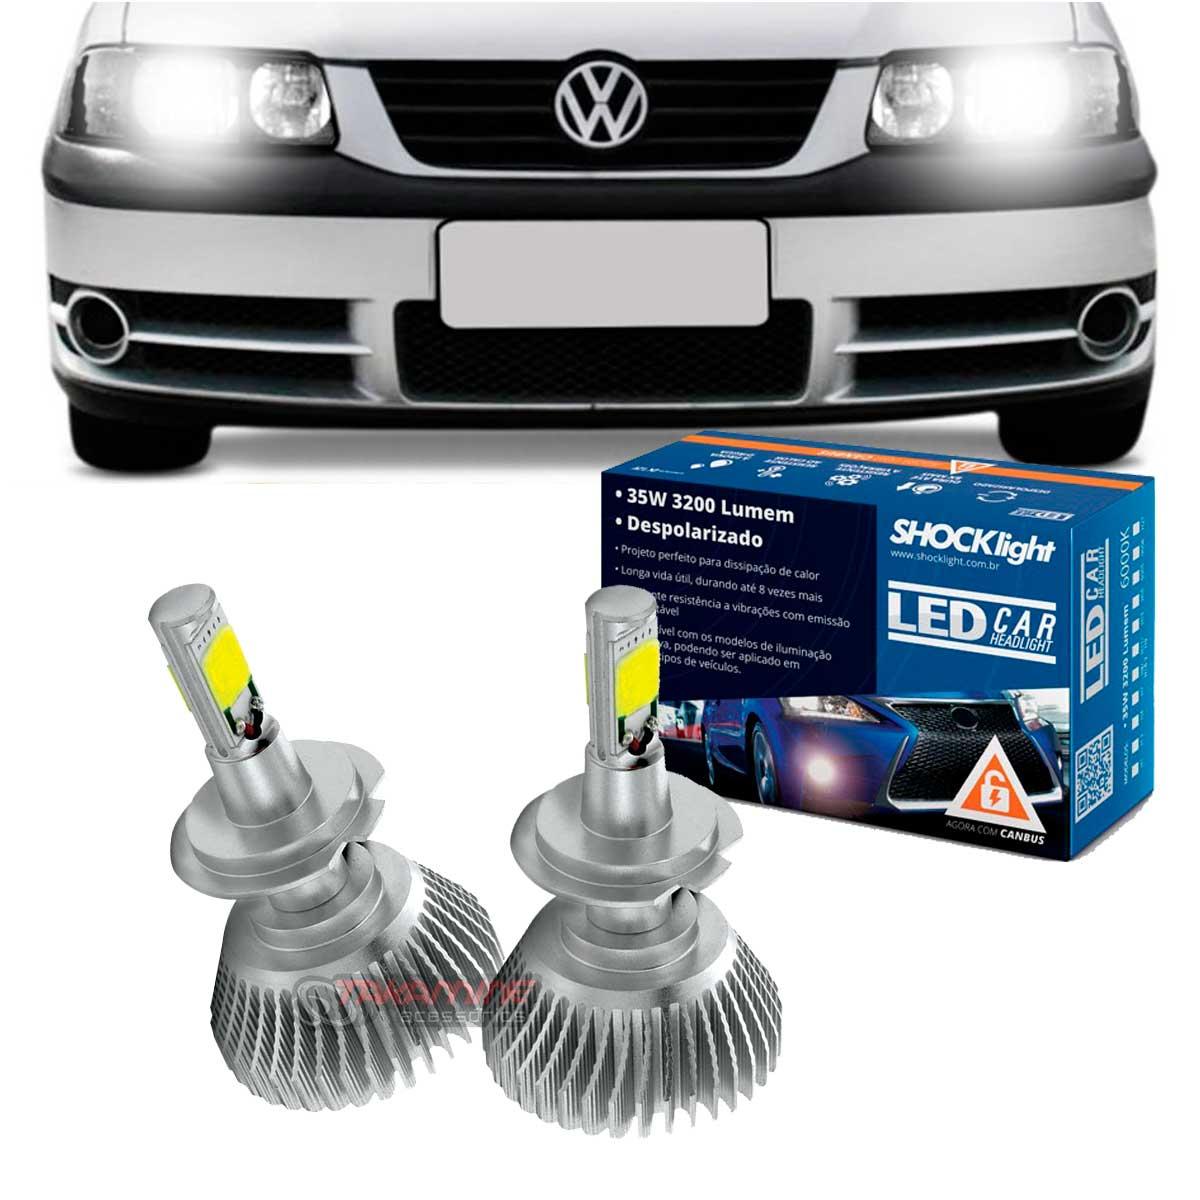 Kit LED Saveiro G3 farol duplo 2000 2001 2002 2003 2004 2005 tipo xenon farol baixo H7 35W Headlight